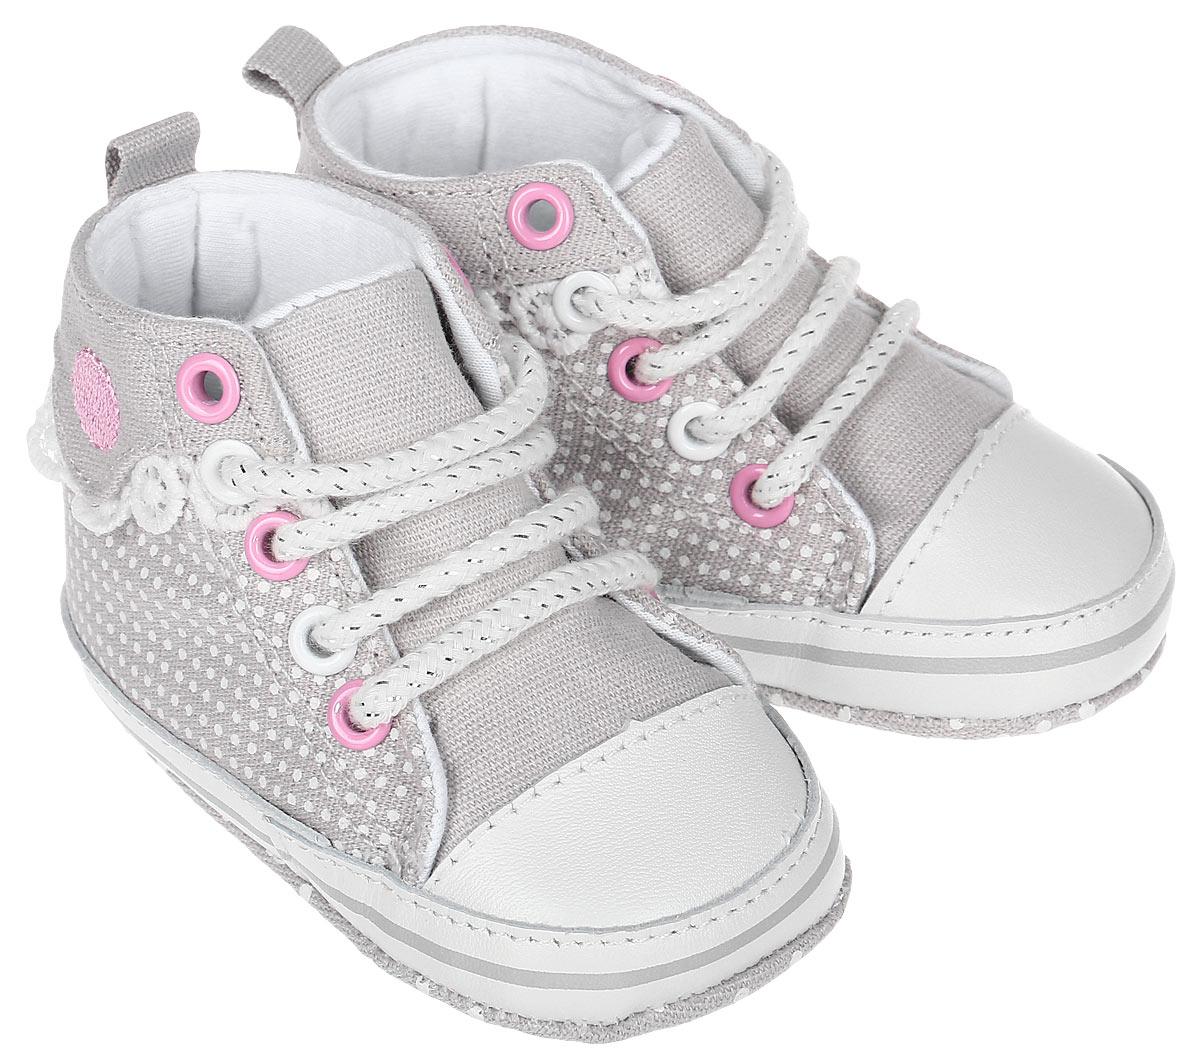 Пинетки10120Стильные и модные пинетки для девочки Kapika великолепно дополнят наряд маленькой модницы. В них ваша малышка будет чувствовать себя комфортно и непринужденно. Пинетки выполнены из хлопка, оформленного принтом, с элементами из натуральной кожи. Модель на шнуровке, которая надежно фиксирует пинетки на ножке ребенка и позволяет регулировать их объем. Пинетки декорированы кружевными оборками. Милые, нежные и удобные детские пинетки станут любимой обувью маленькой принцессы.